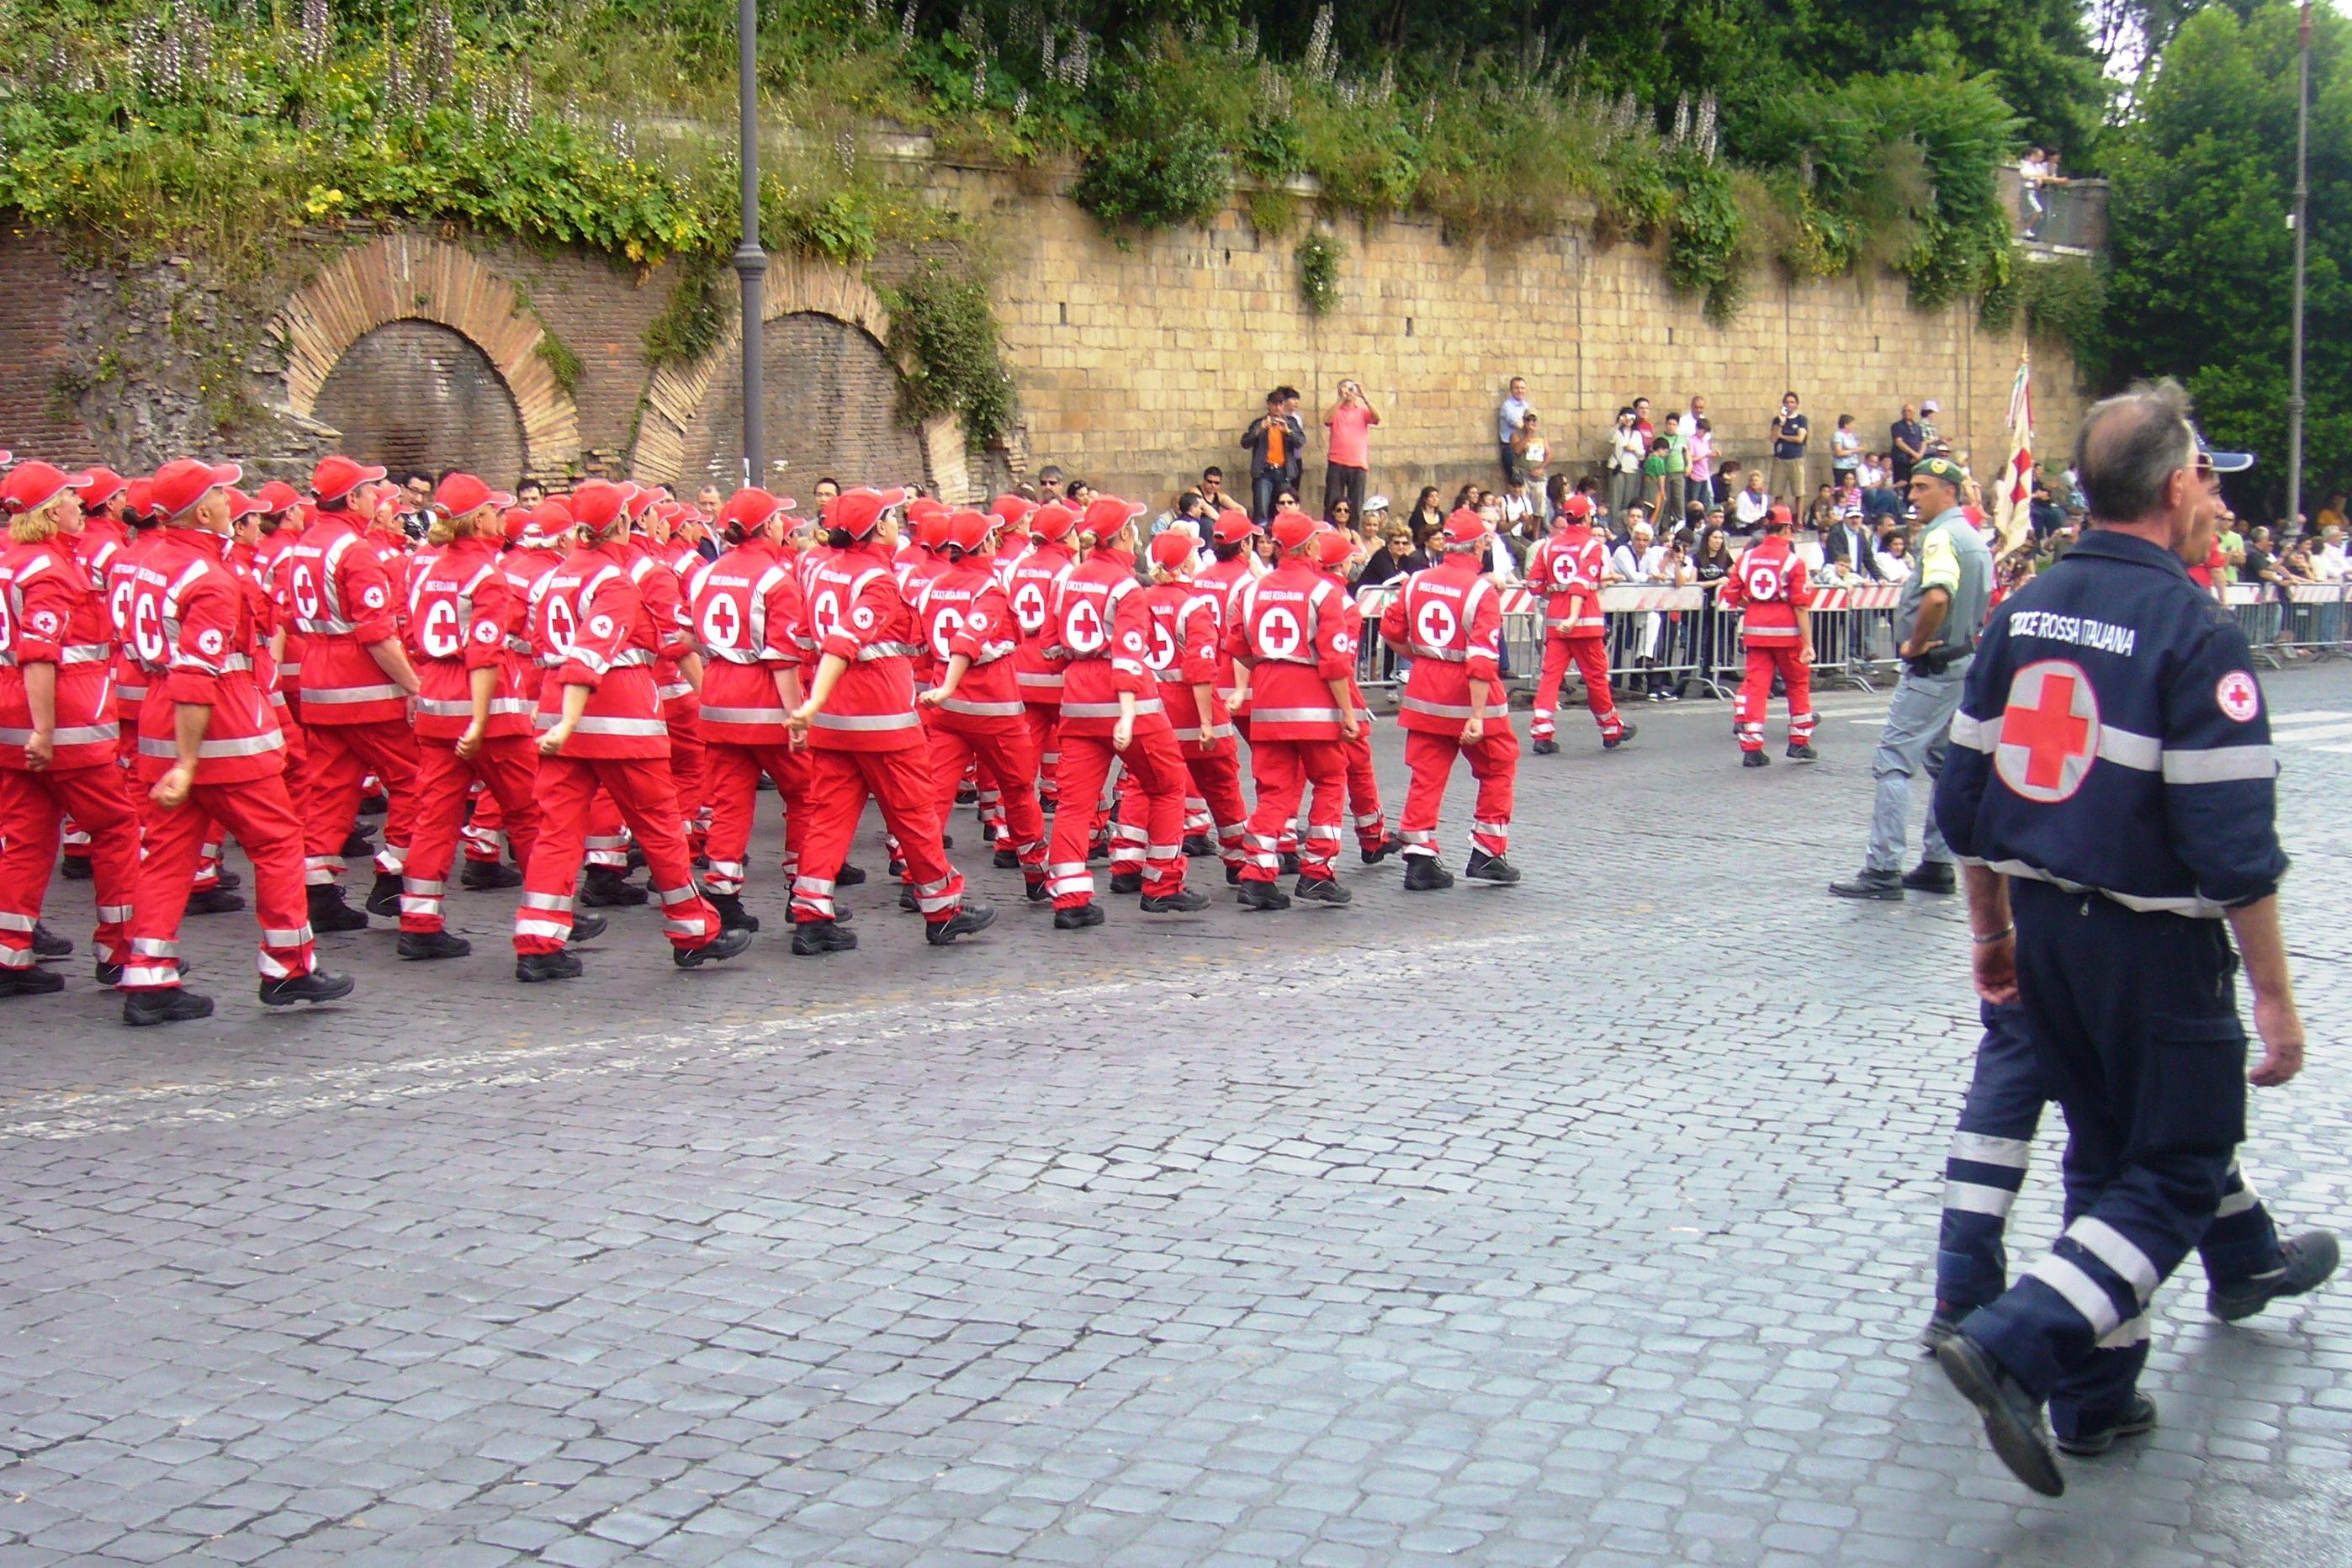 Divisa Croce Rossa Italiana Volontari Del Soccorso — 62a0dac667e3